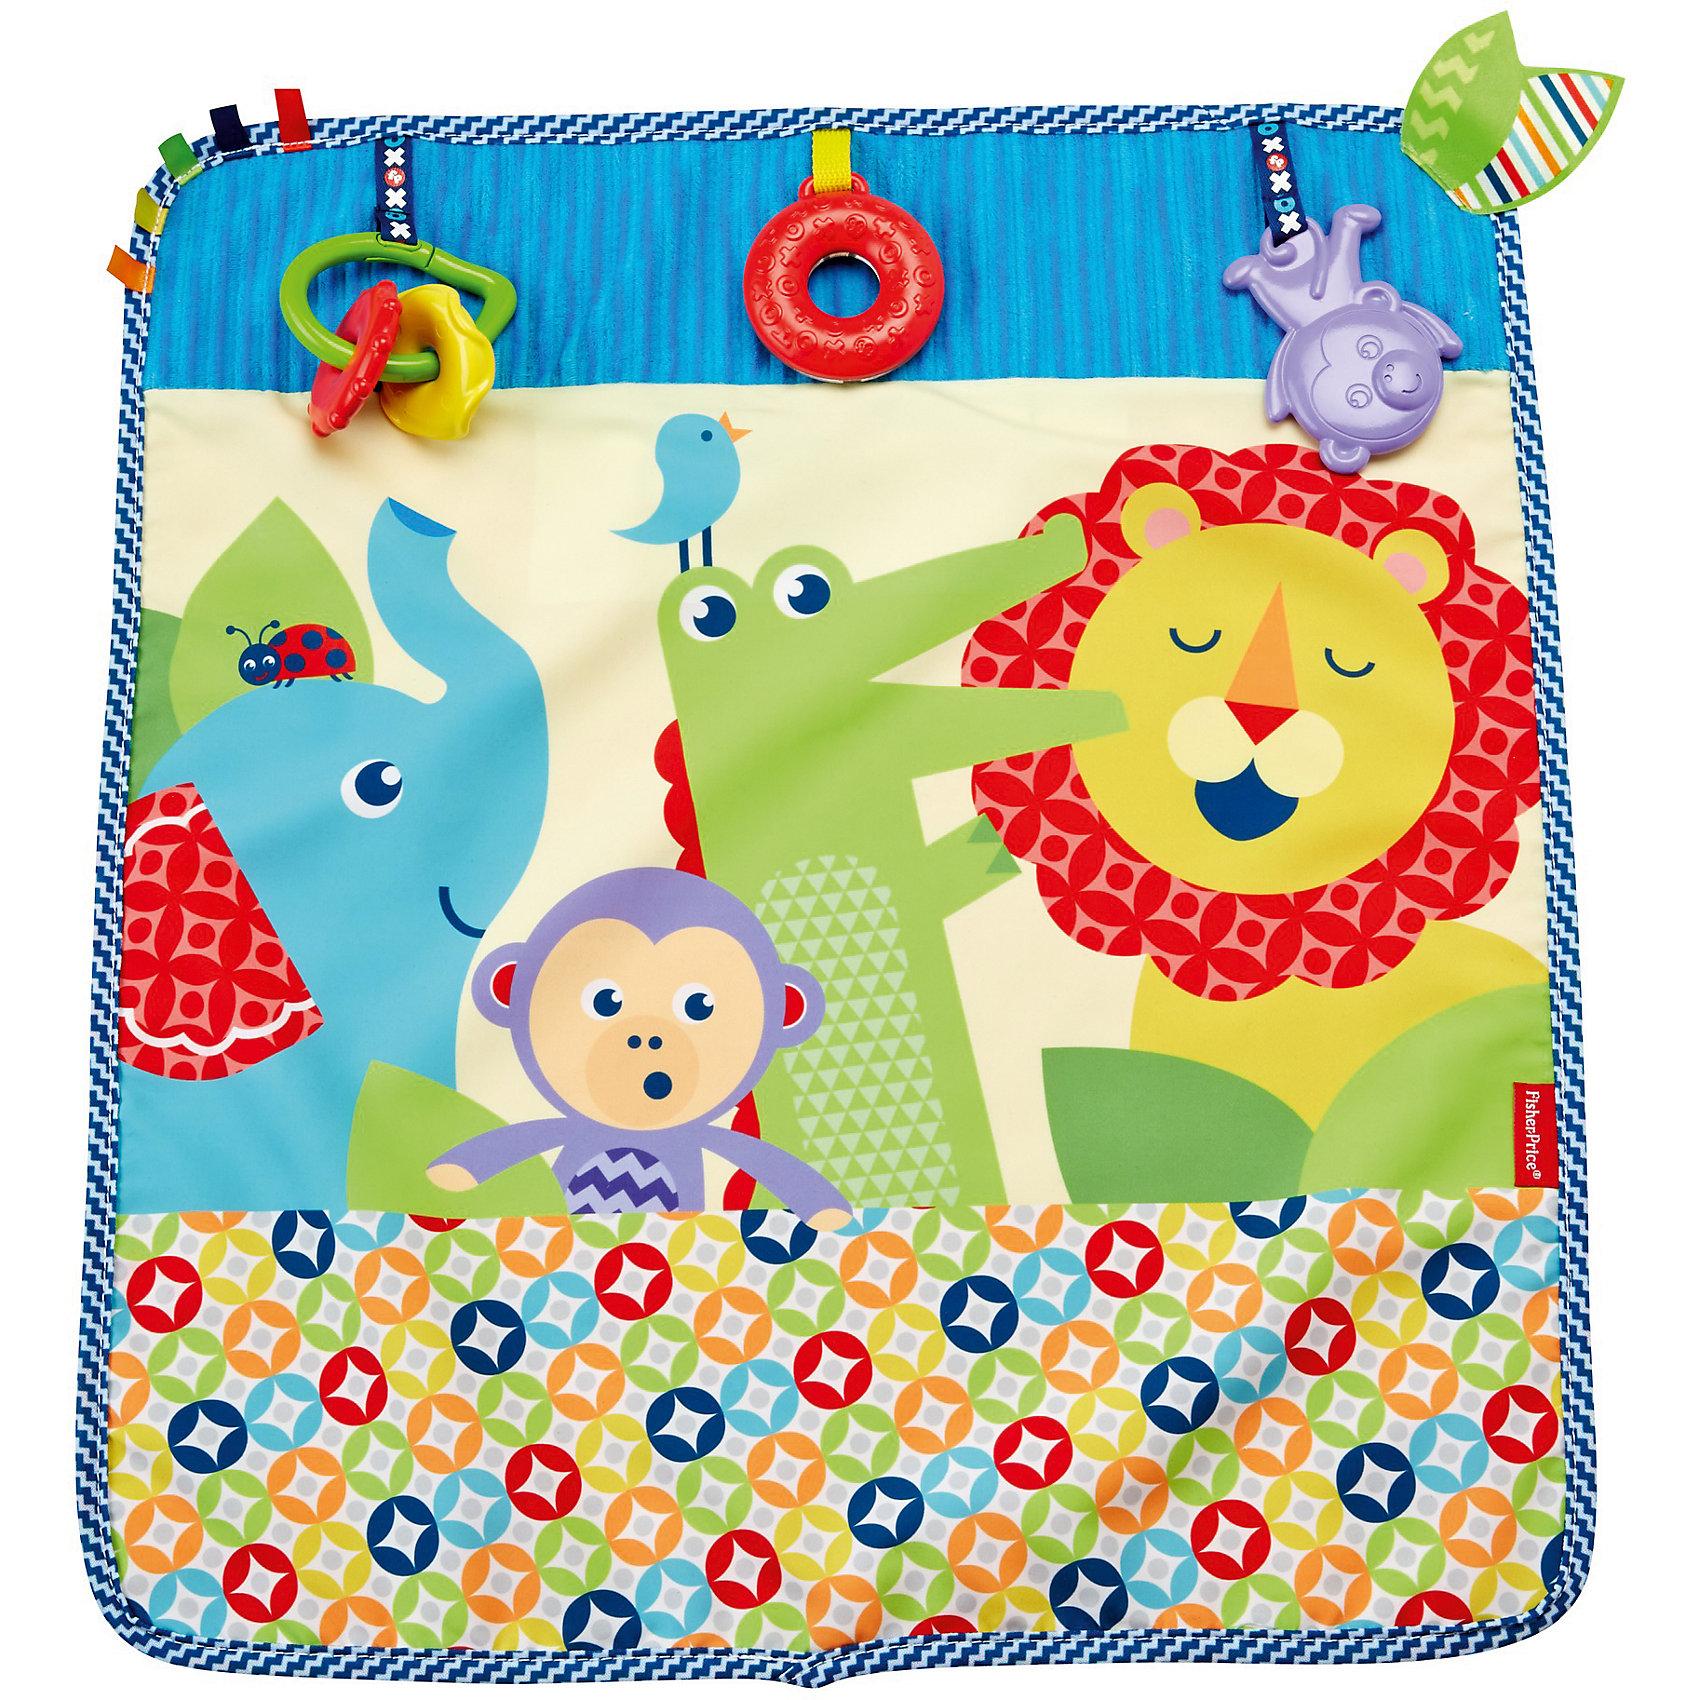 Мягкое одеяло Fisher-Price «Пойдем на прогулку»Развивающие коврики<br>Характеристики товара:<br><br>• возраст: с рождения<br>• материал: текстиль<br>• размер одеялка: 40х60 см;<br>• страна бренда: США<br><br>Яркая расцветка и комбинация разных текстур, которые так интересно пробовать на ощупь, а также три игрушки: малыш сможет долго исследовать это одеяло, и оно ему точно не наскучит. <br><br>Матерчатый держатель позволит надежно прикрепить одеяло к коляске: вам не придется беспокоиться, что оно упадет, когда вы отправитесь вместе со своим малышом на прогулку!<br><br>Мягкое одеяло Fisher-Price «Пойдем на прогулку» можно купить в нашем интернет-магазине.<br><br>Ширина мм: 289<br>Глубина мм: 258<br>Высота мм: 60<br>Вес г: 420<br>Возраст от месяцев: 0<br>Возраст до месяцев: 18<br>Пол: Женский<br>Возраст: Детский<br>SKU: 5587630